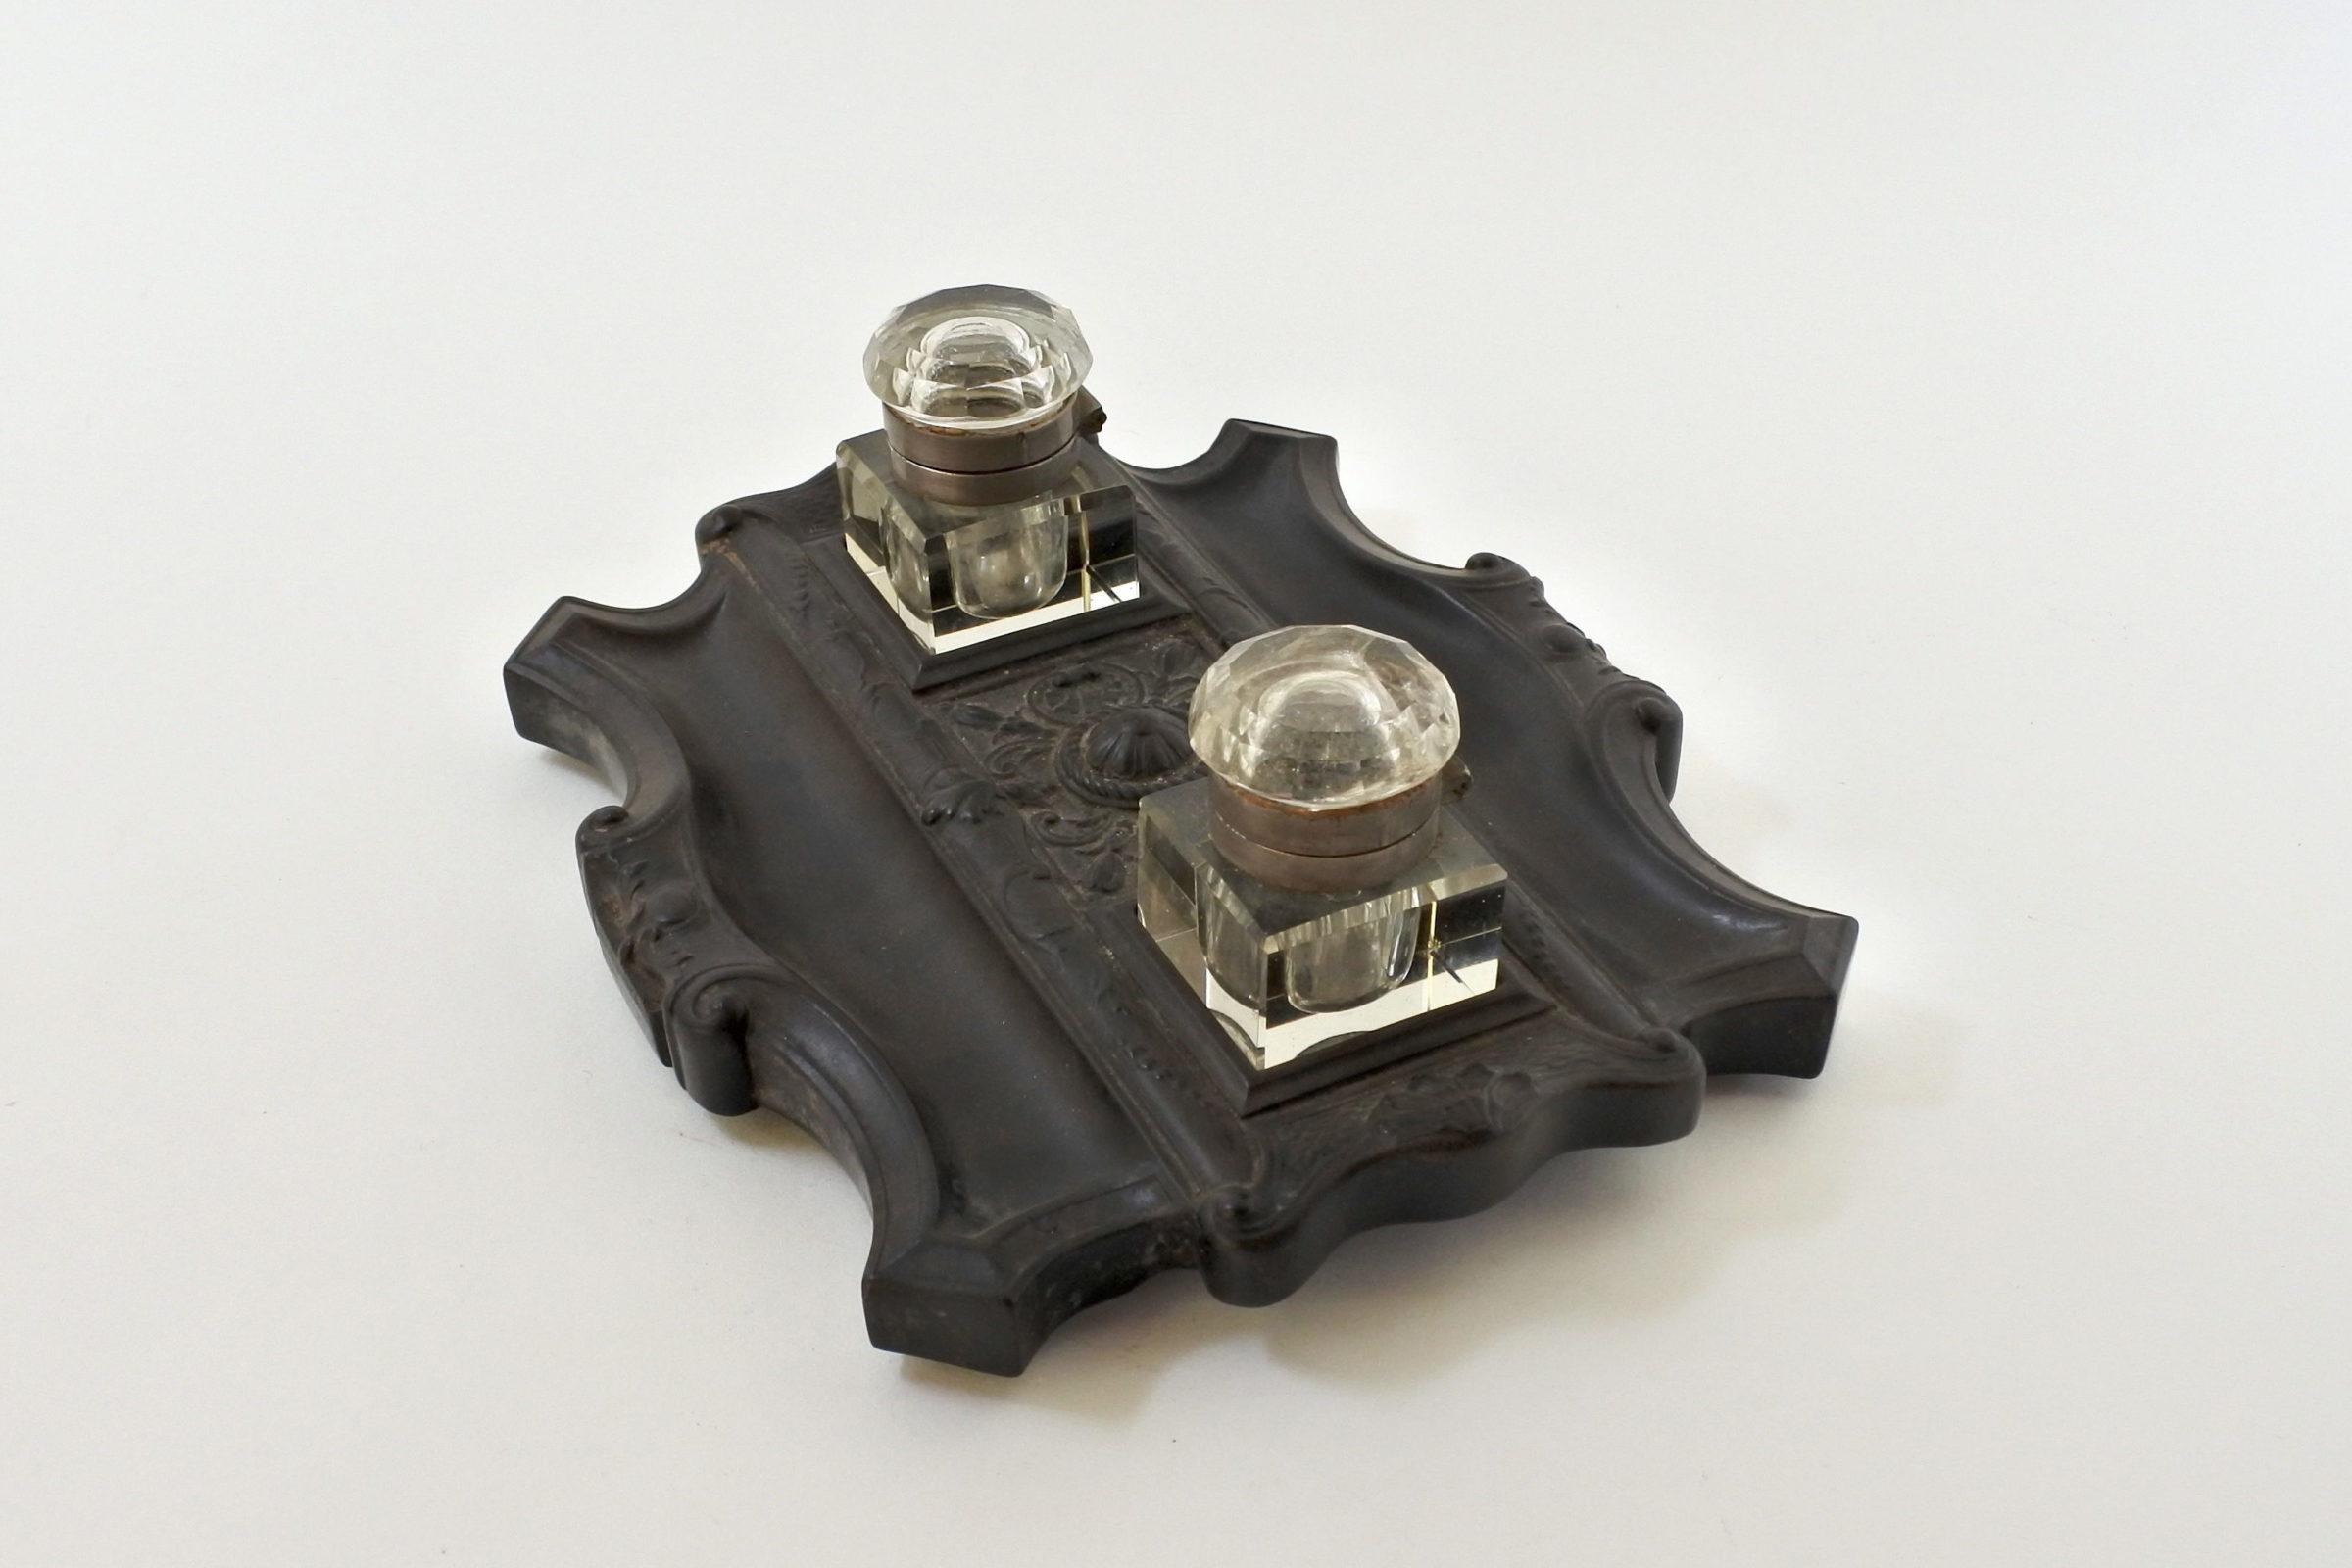 Calamaio con base in ebanite e ampolle porta inchiostro in vetro - 3